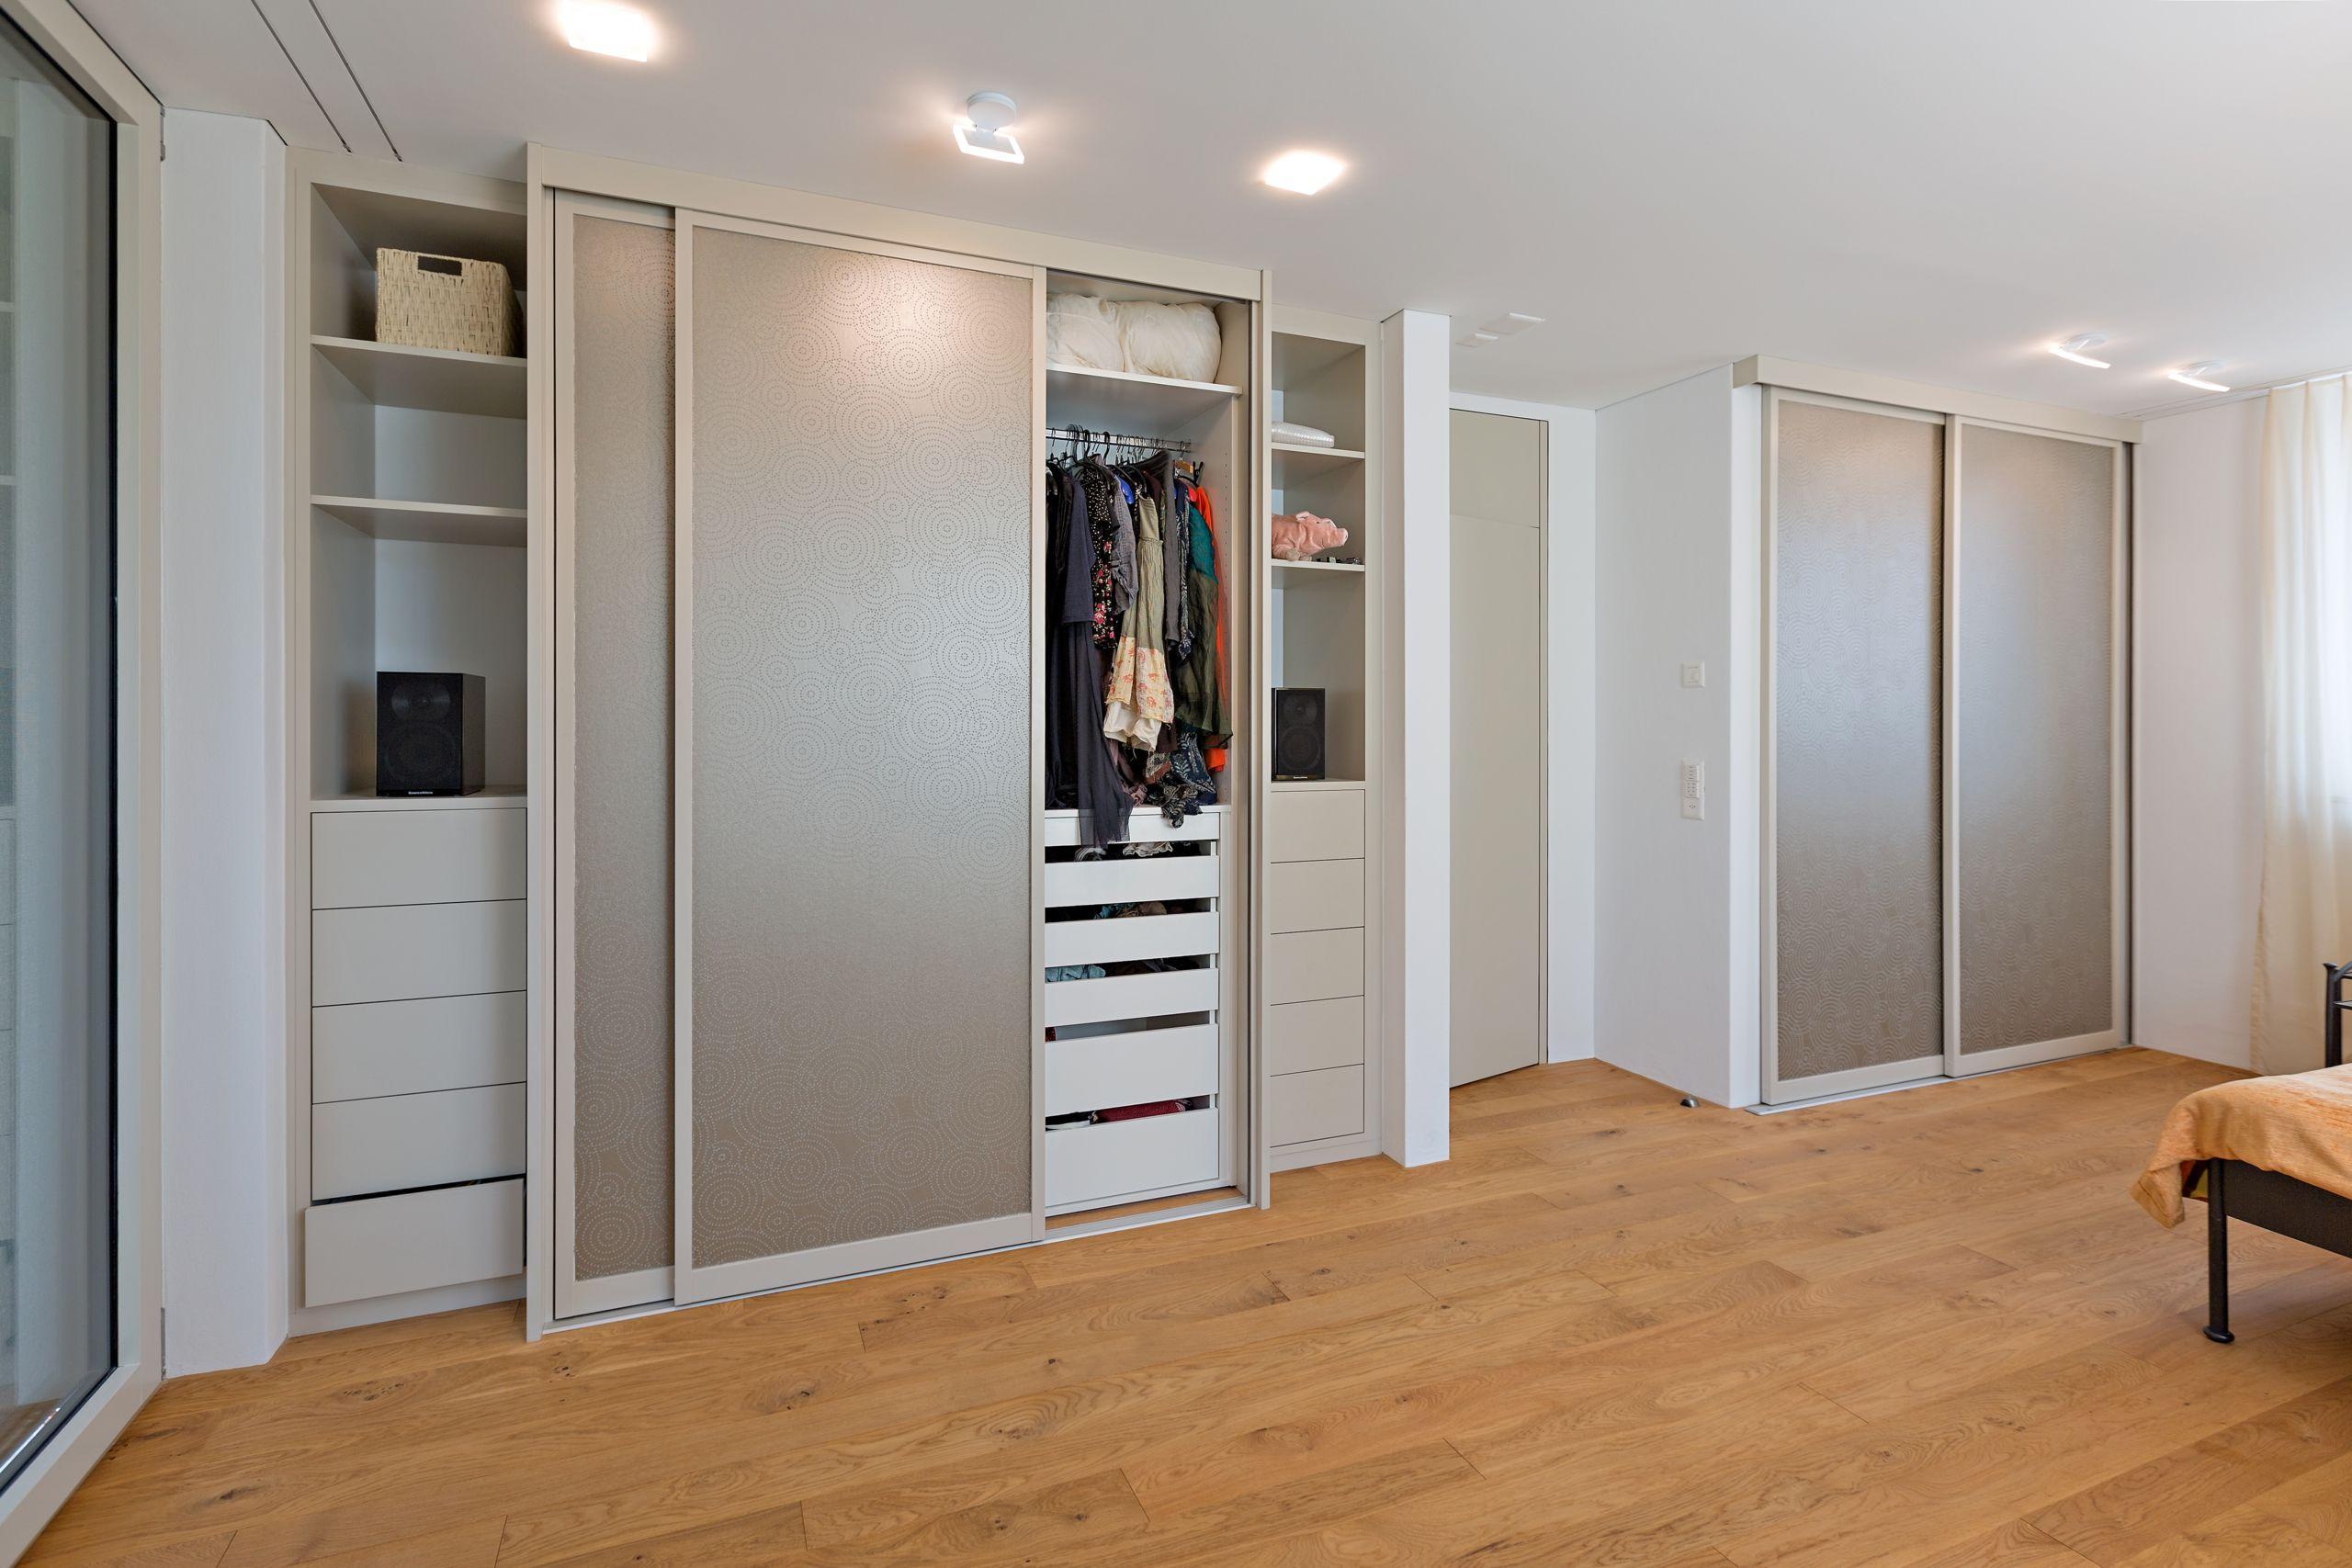 einbauschrank schlafzimmer schiebetür   Home decor, Home, Decor